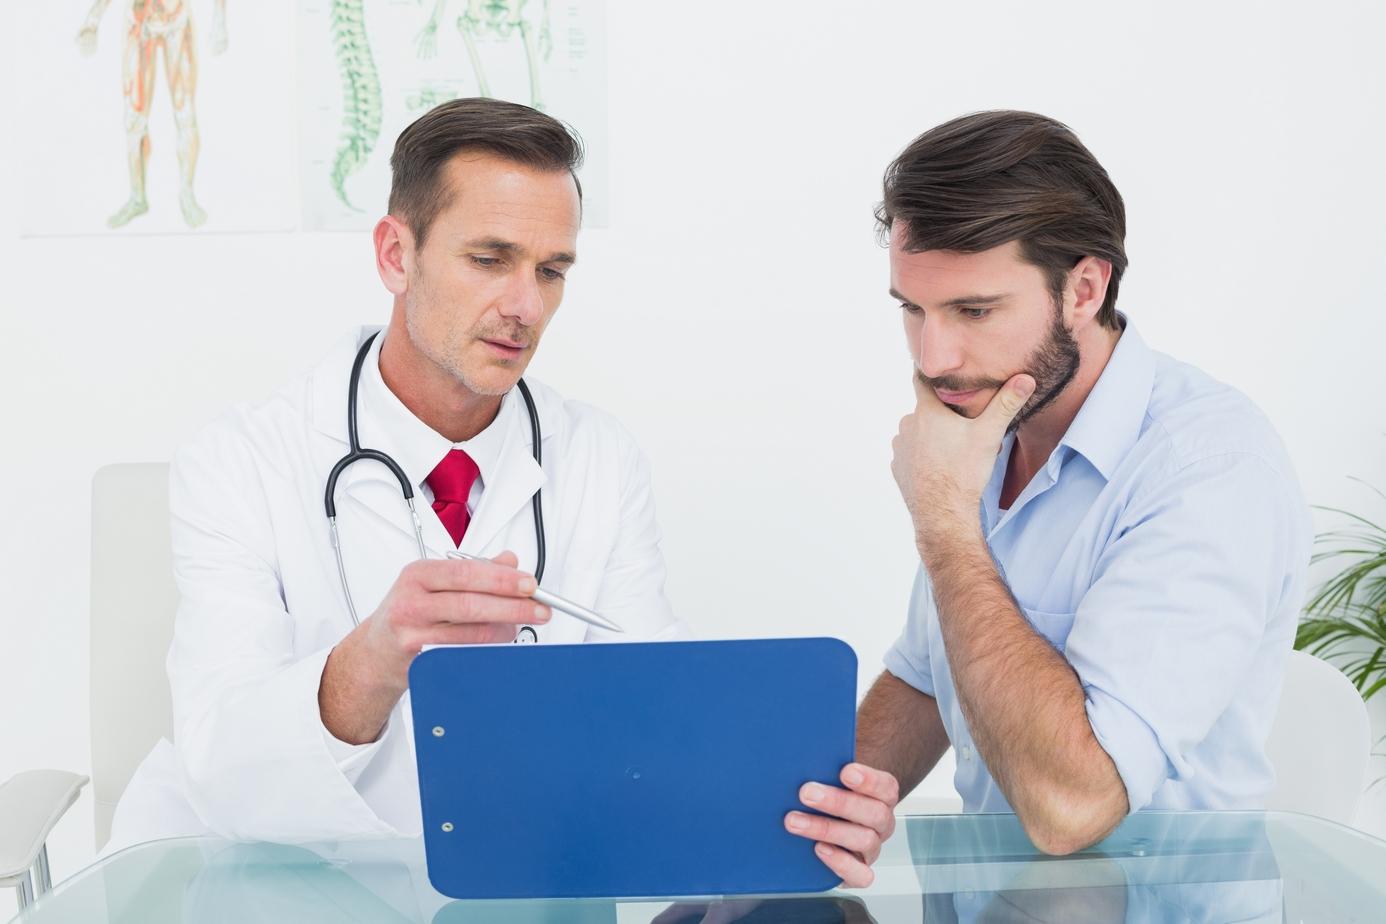 Картинки чолов к врачу